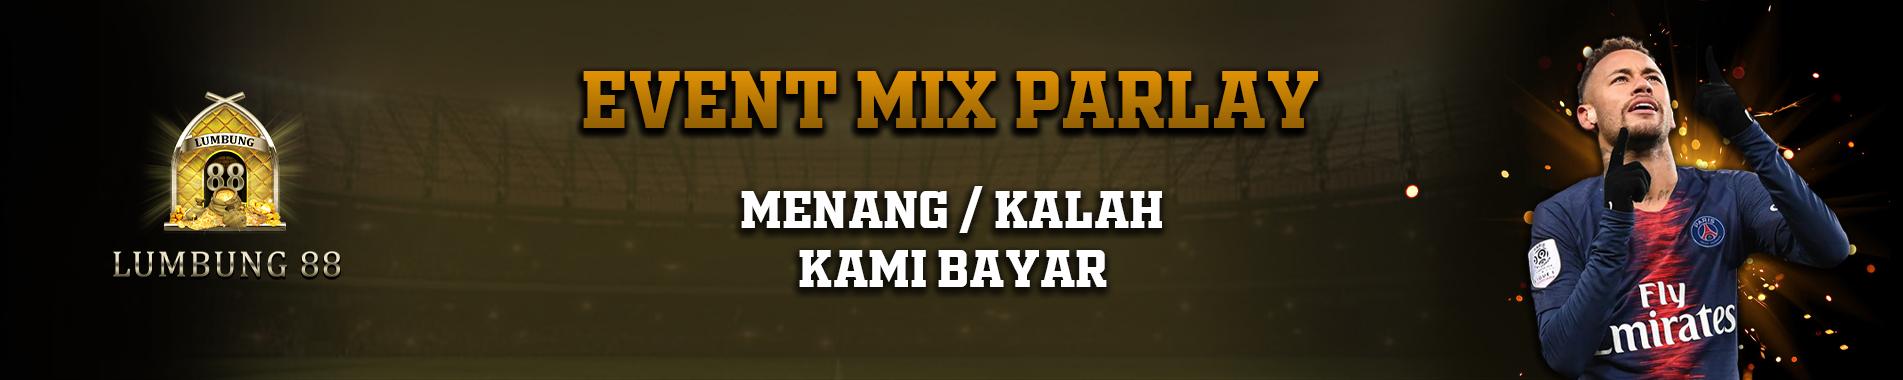 EVENT MIX PARLAY BOLA JALAN LUMBUNG88